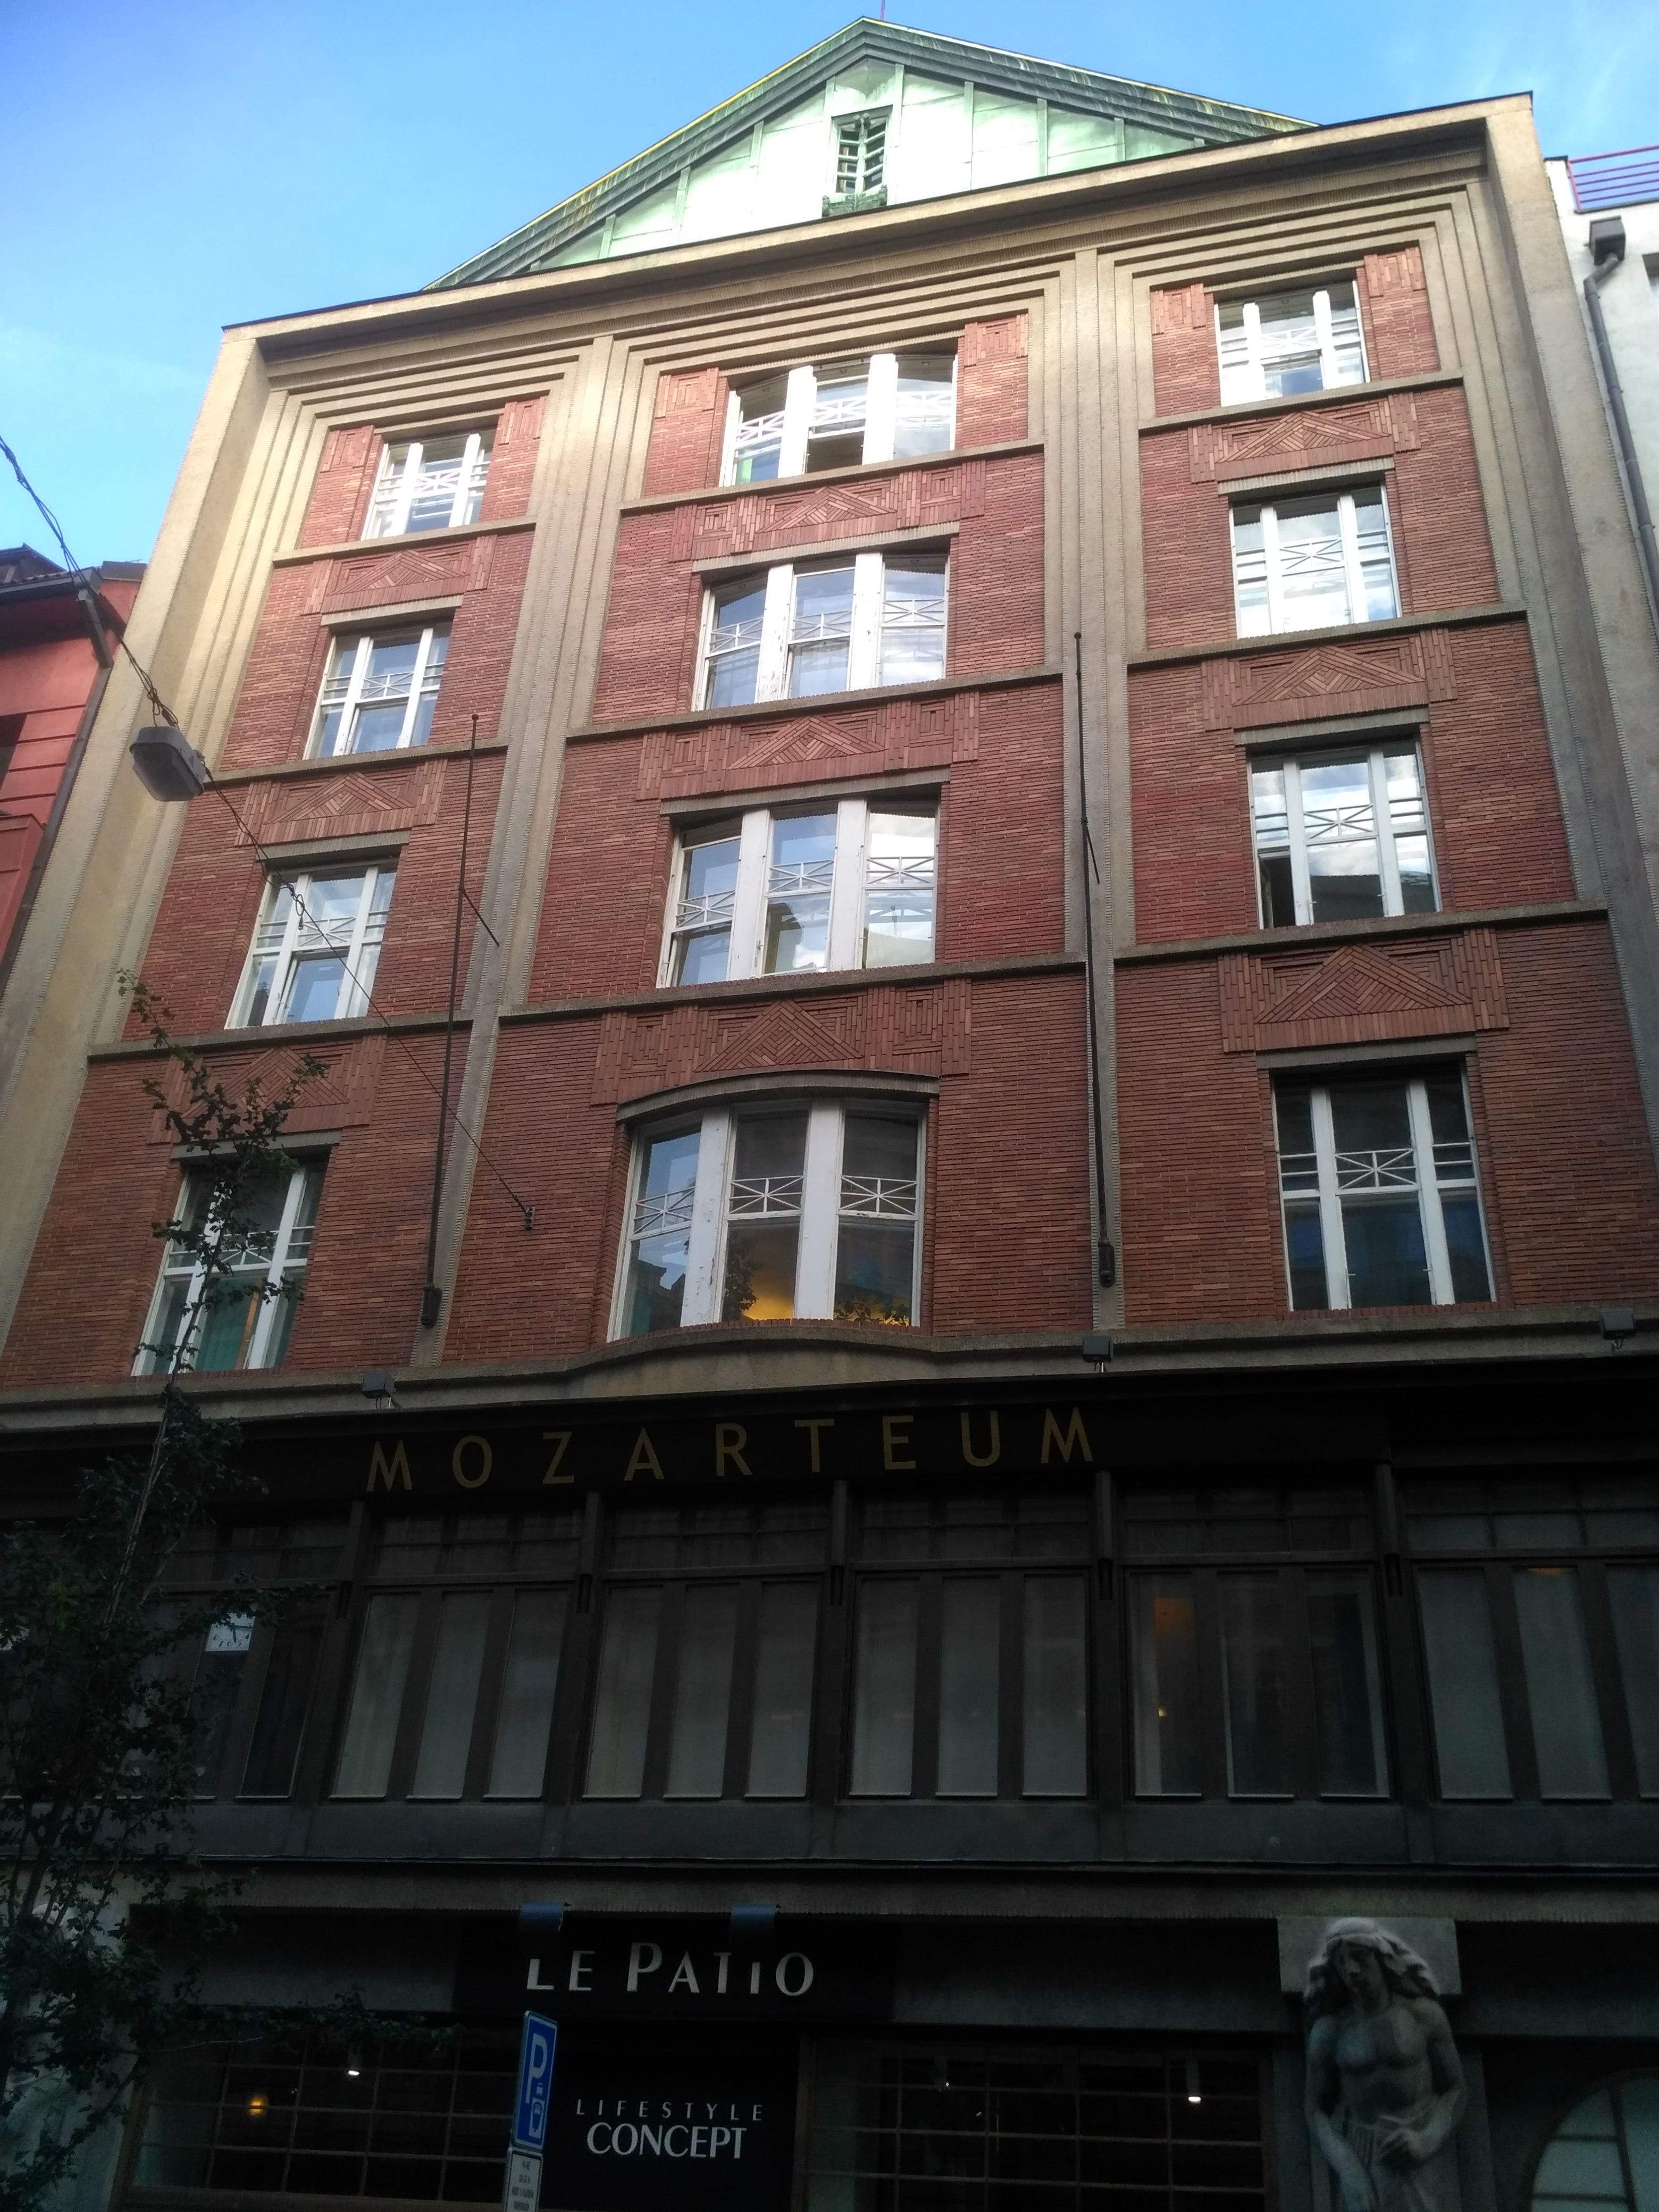 Mozarteum Jungmannova 30